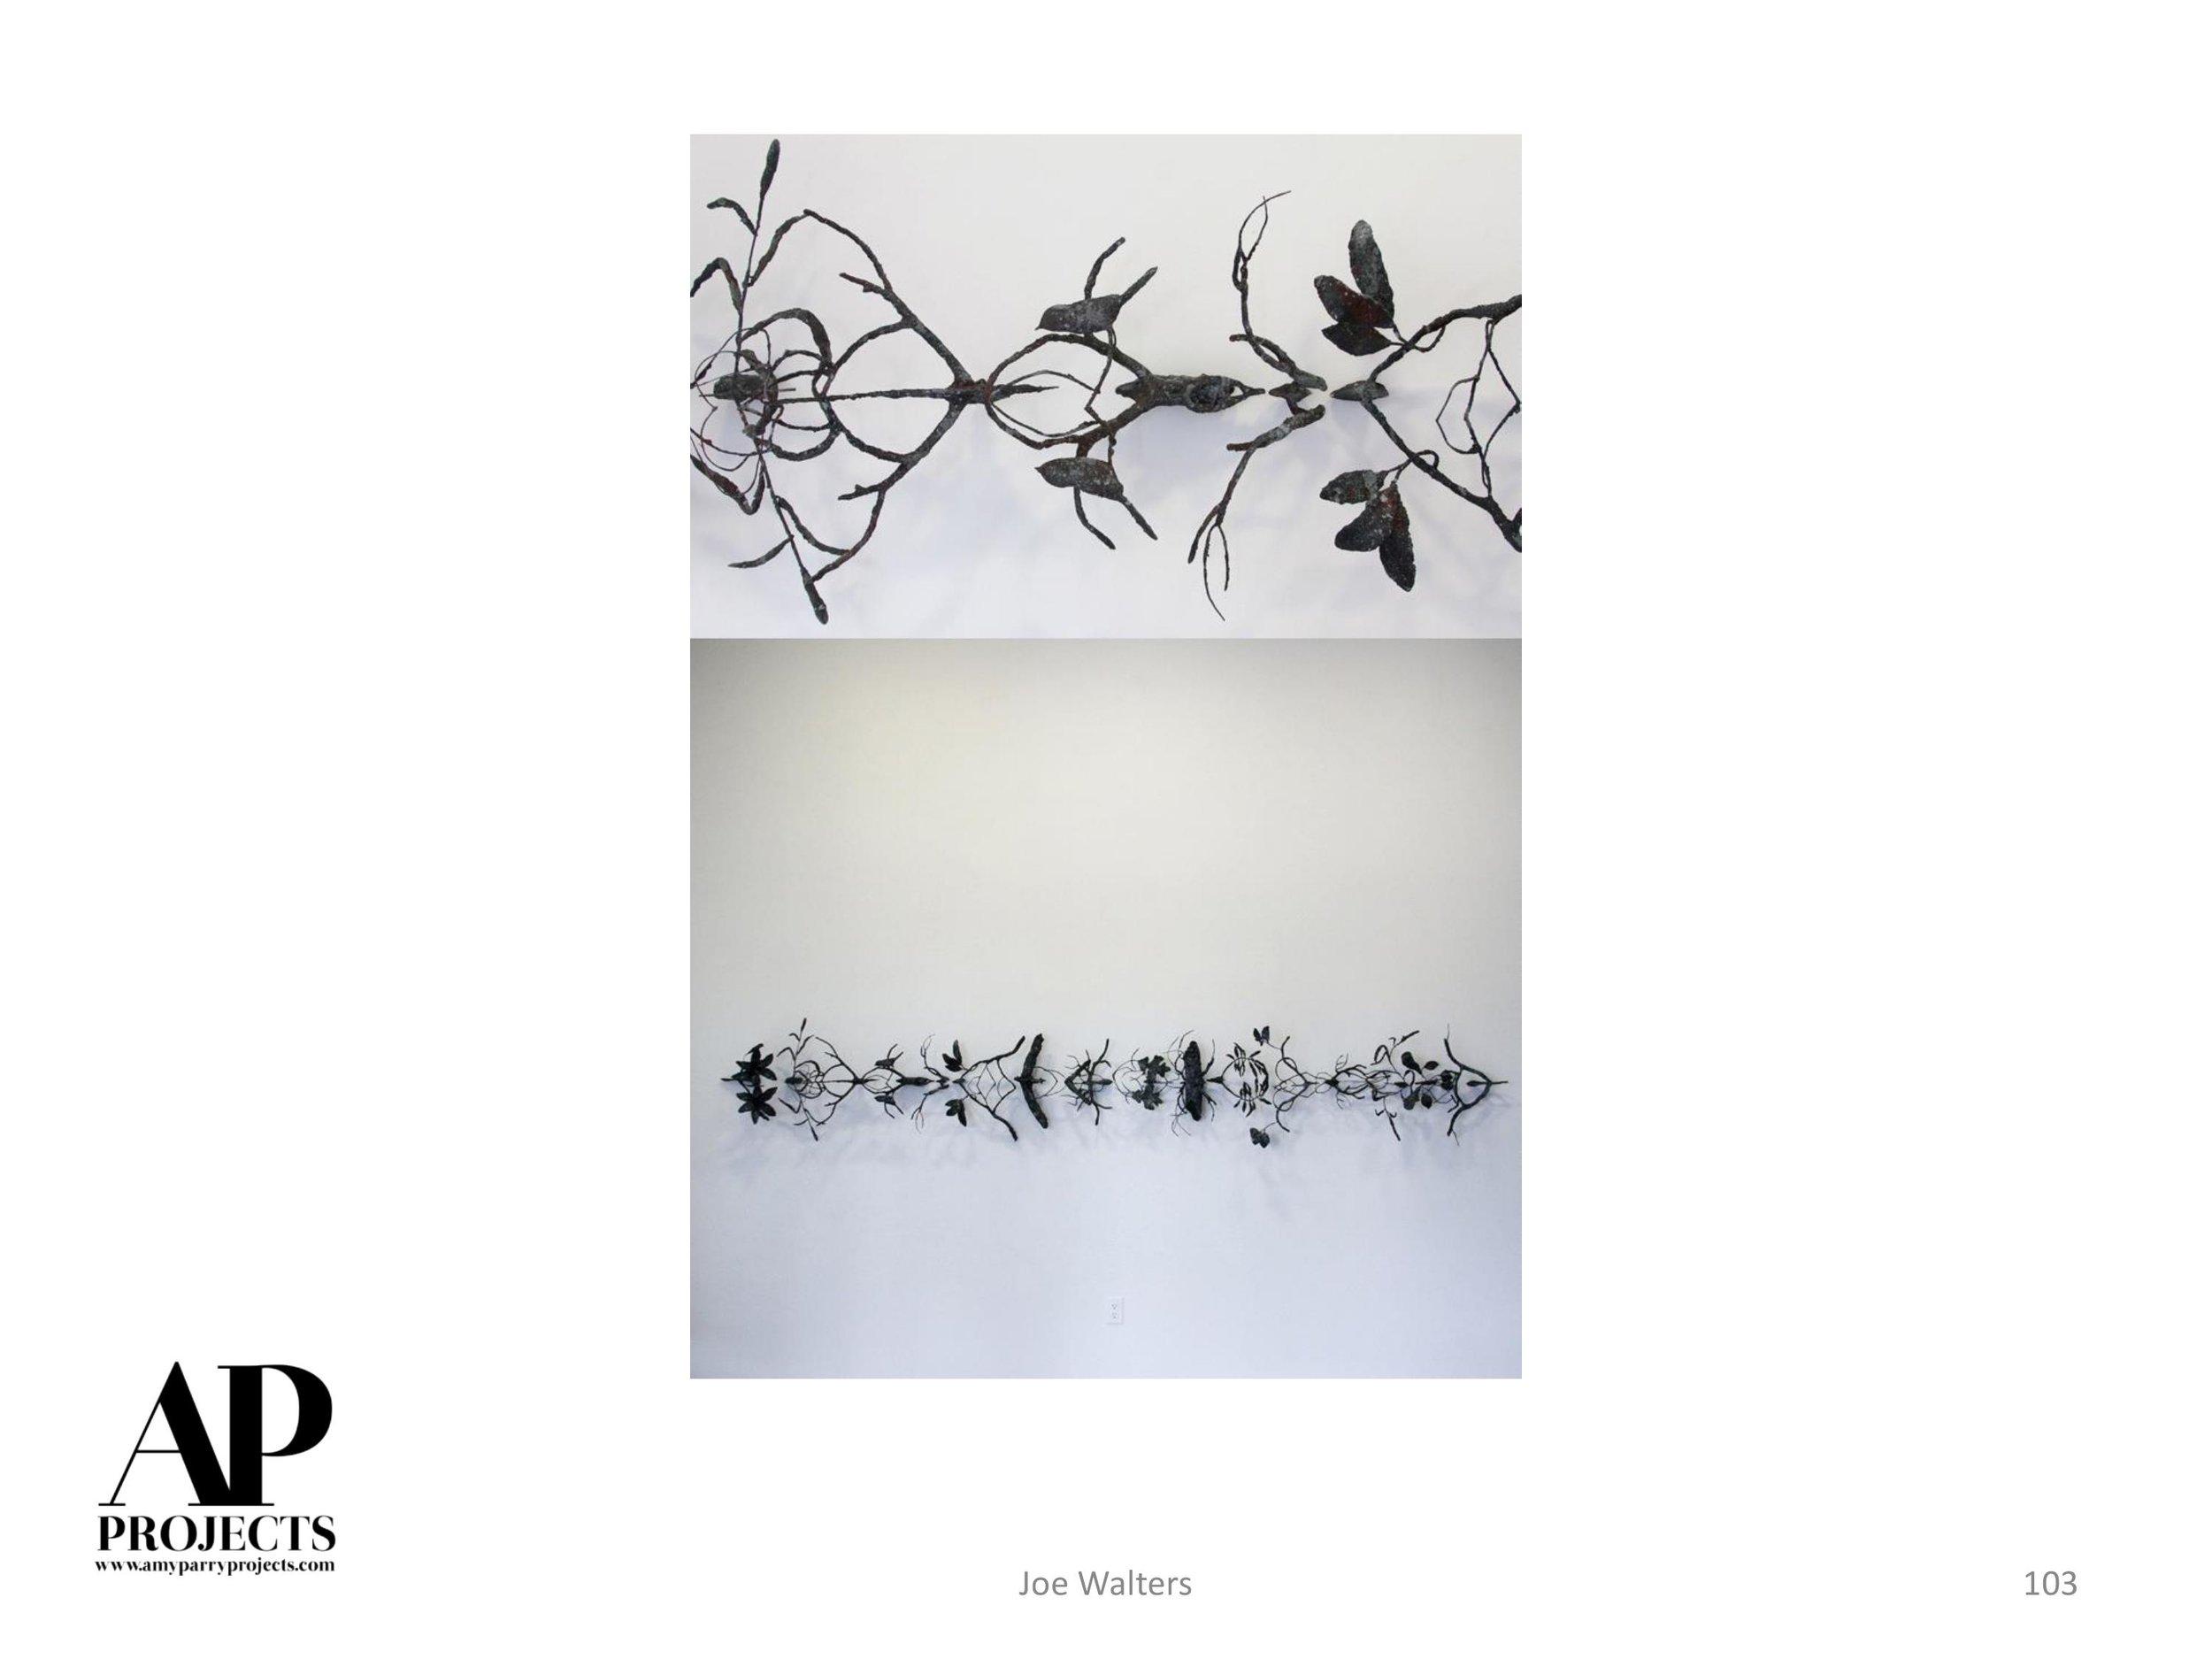 0103.jpg